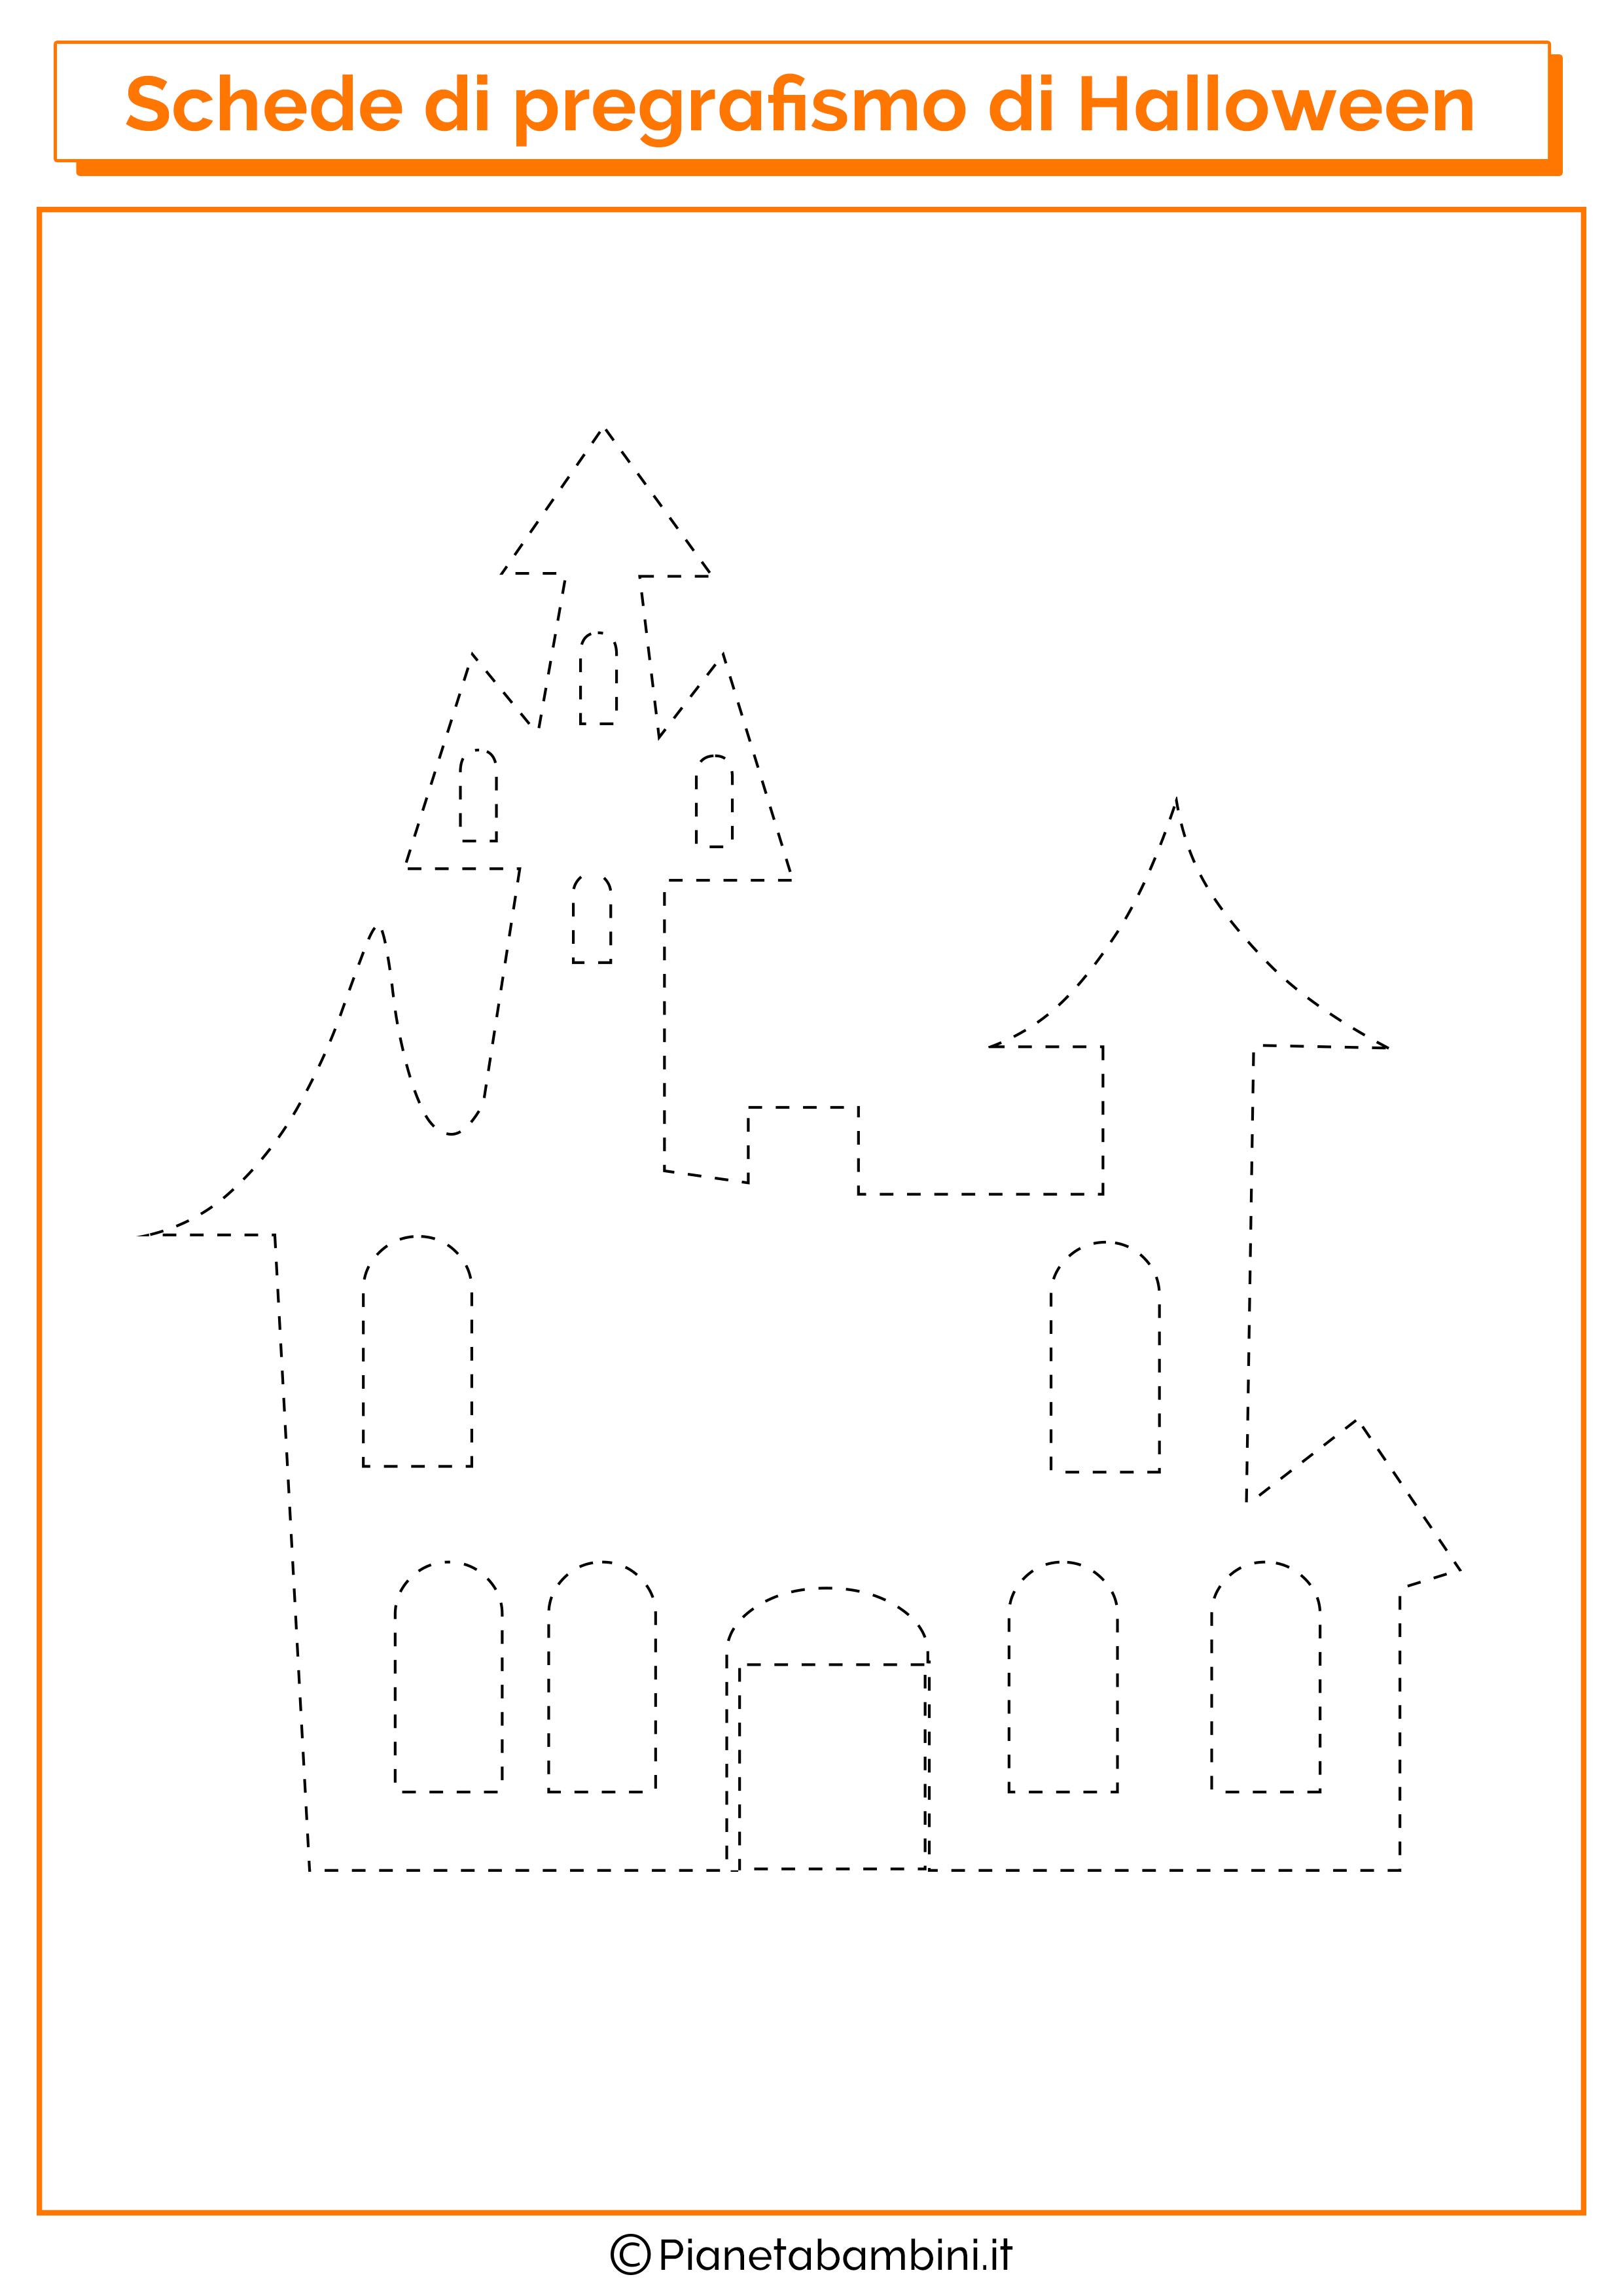 Castello stregato